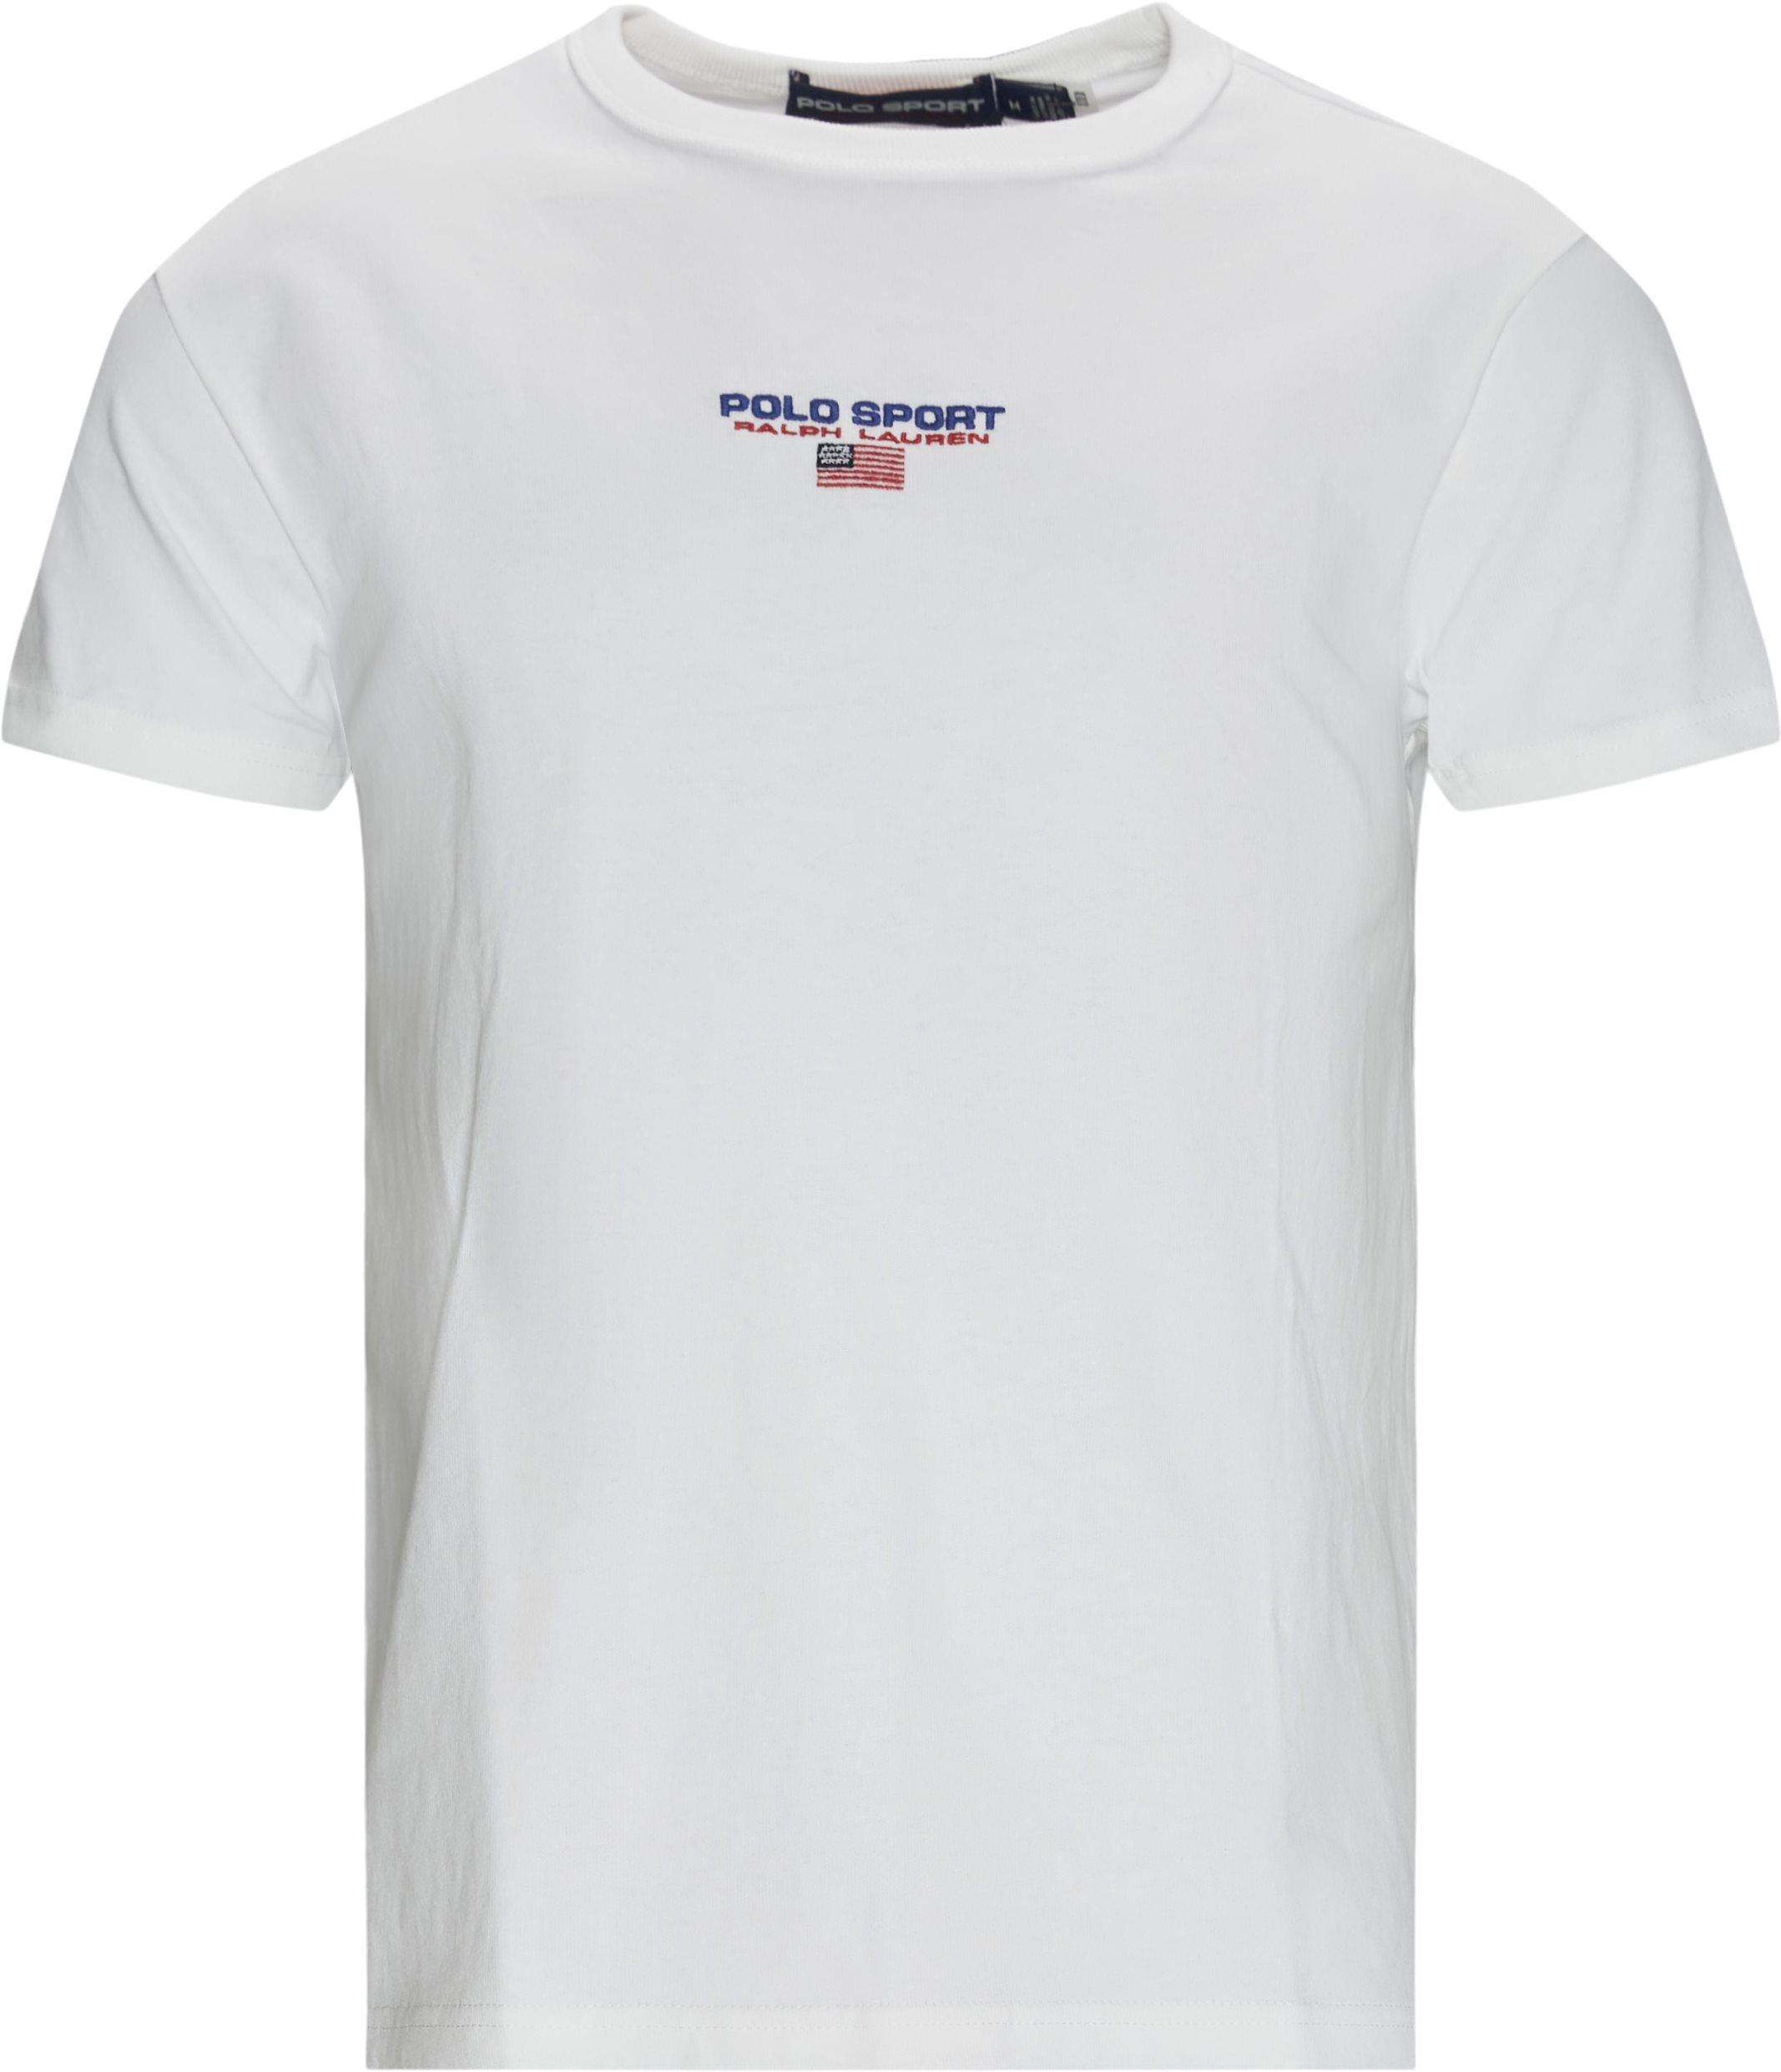 Logo Tee - T-shirts - Regular fit - Hvid